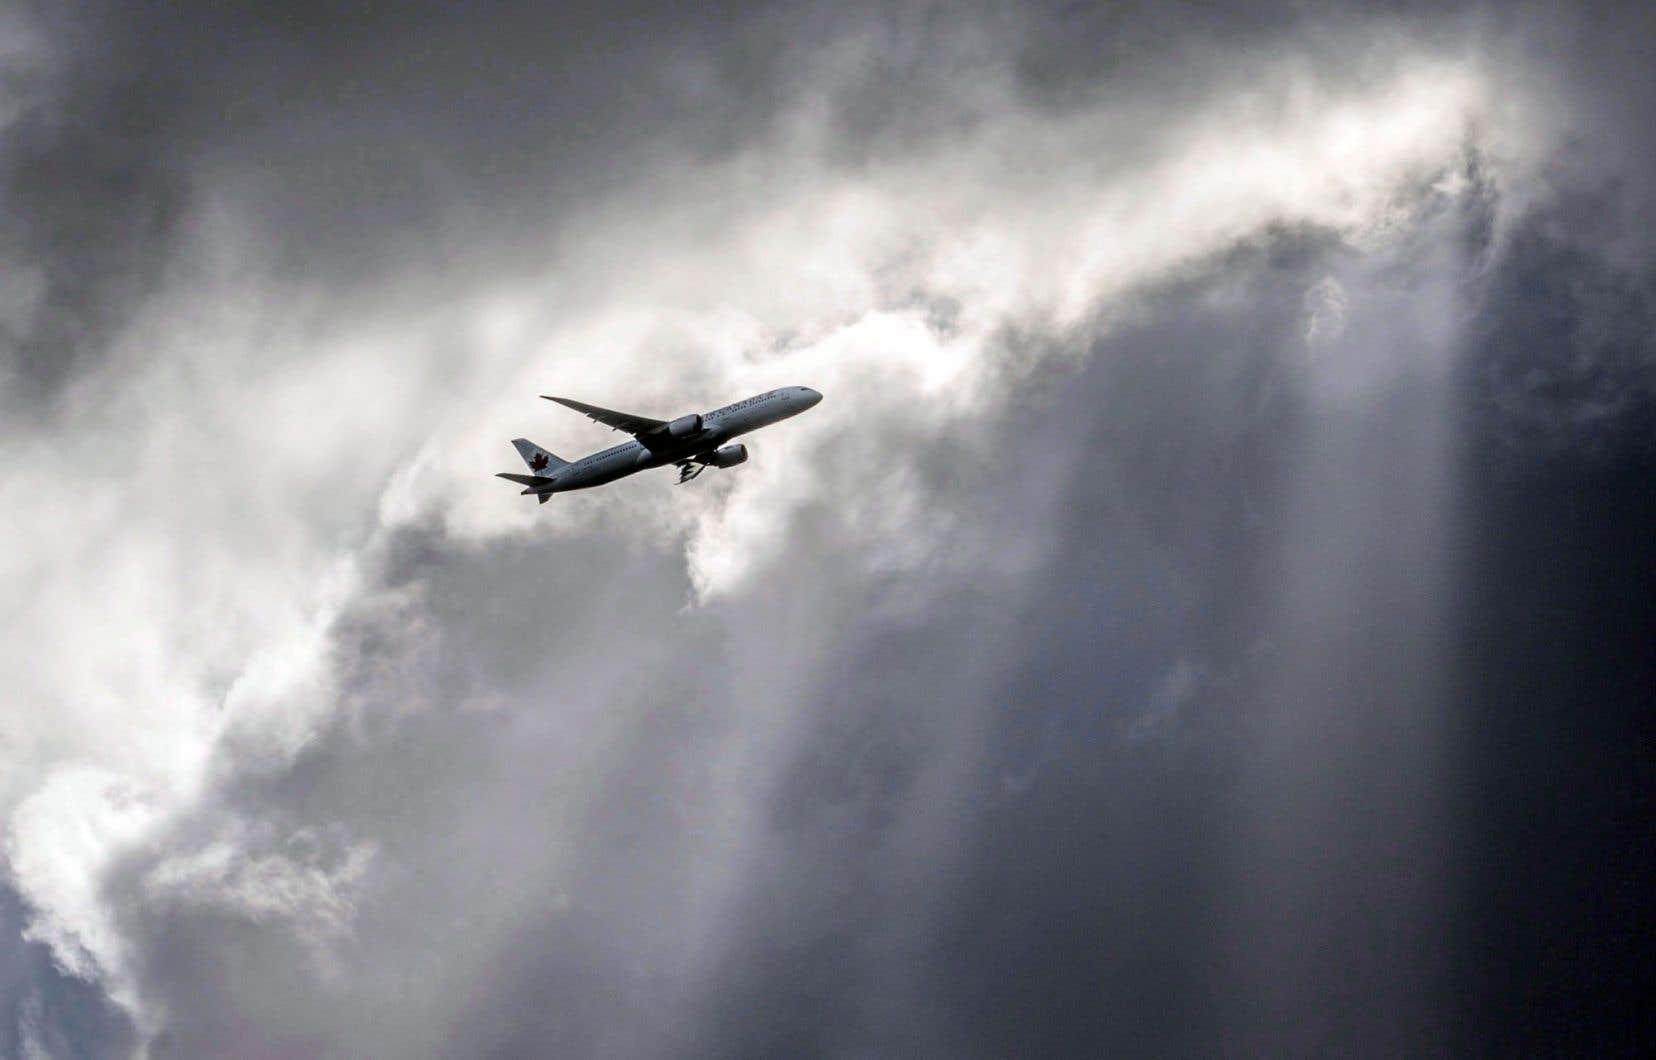 La mesure concernant la propriété étrangère a reçu l'appui des transporteurs aériens établis, notamment Air Canada et Transat A.T.